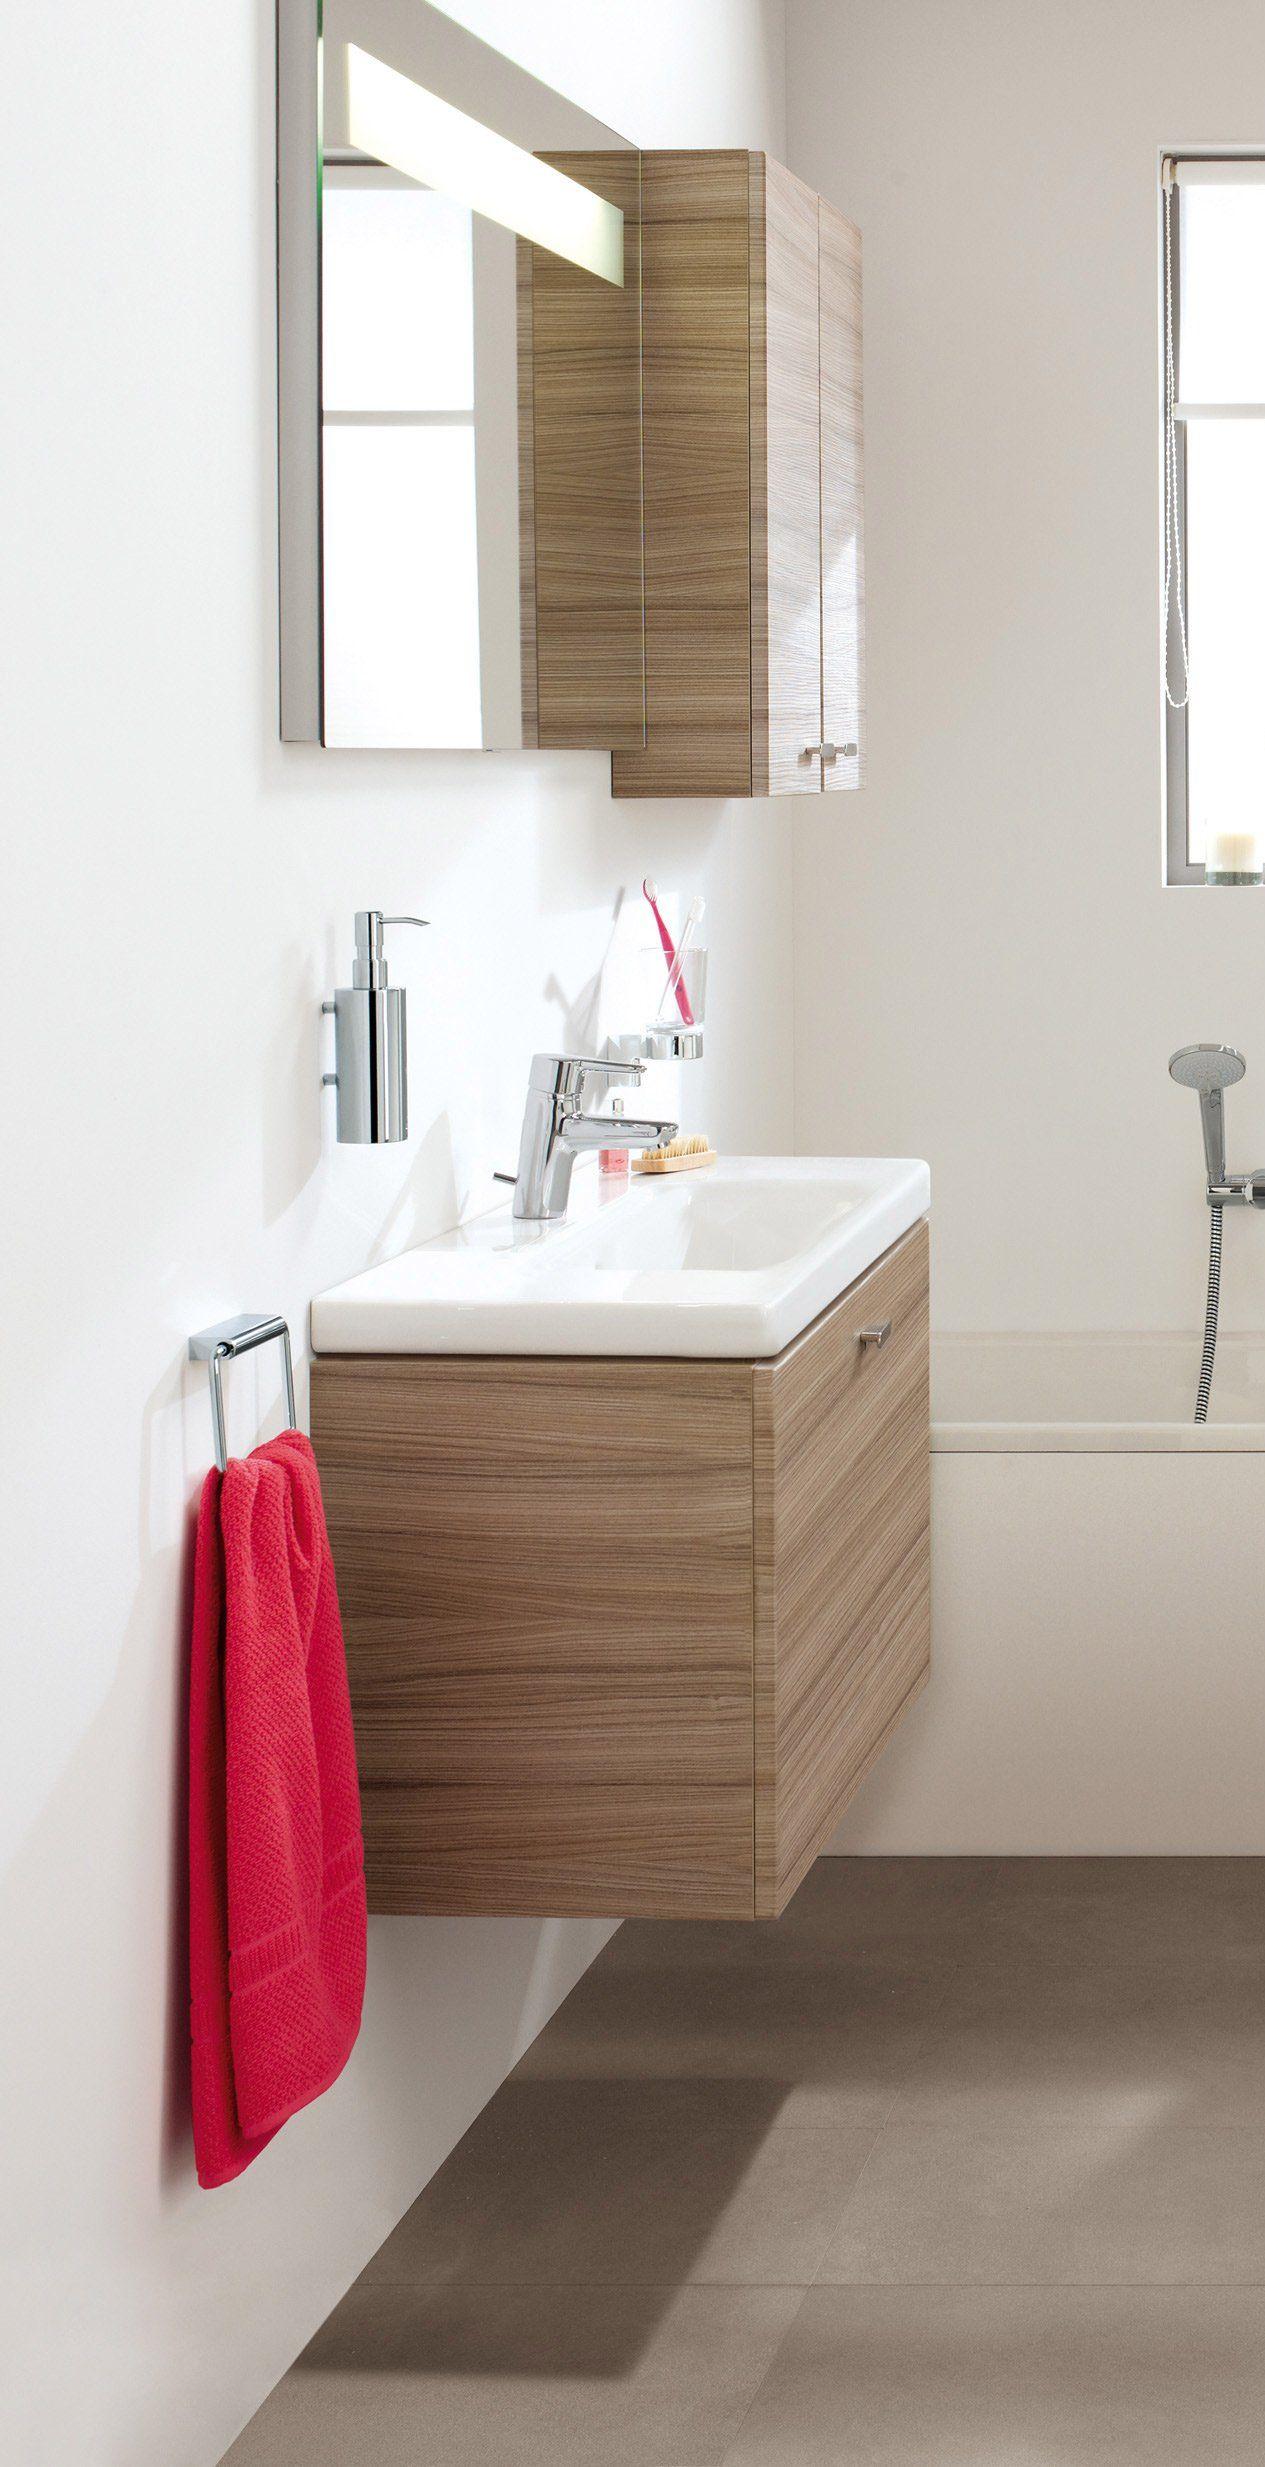 Bagno piccolo, soluzioni piccole - Cose di Casa | Arredamento ...